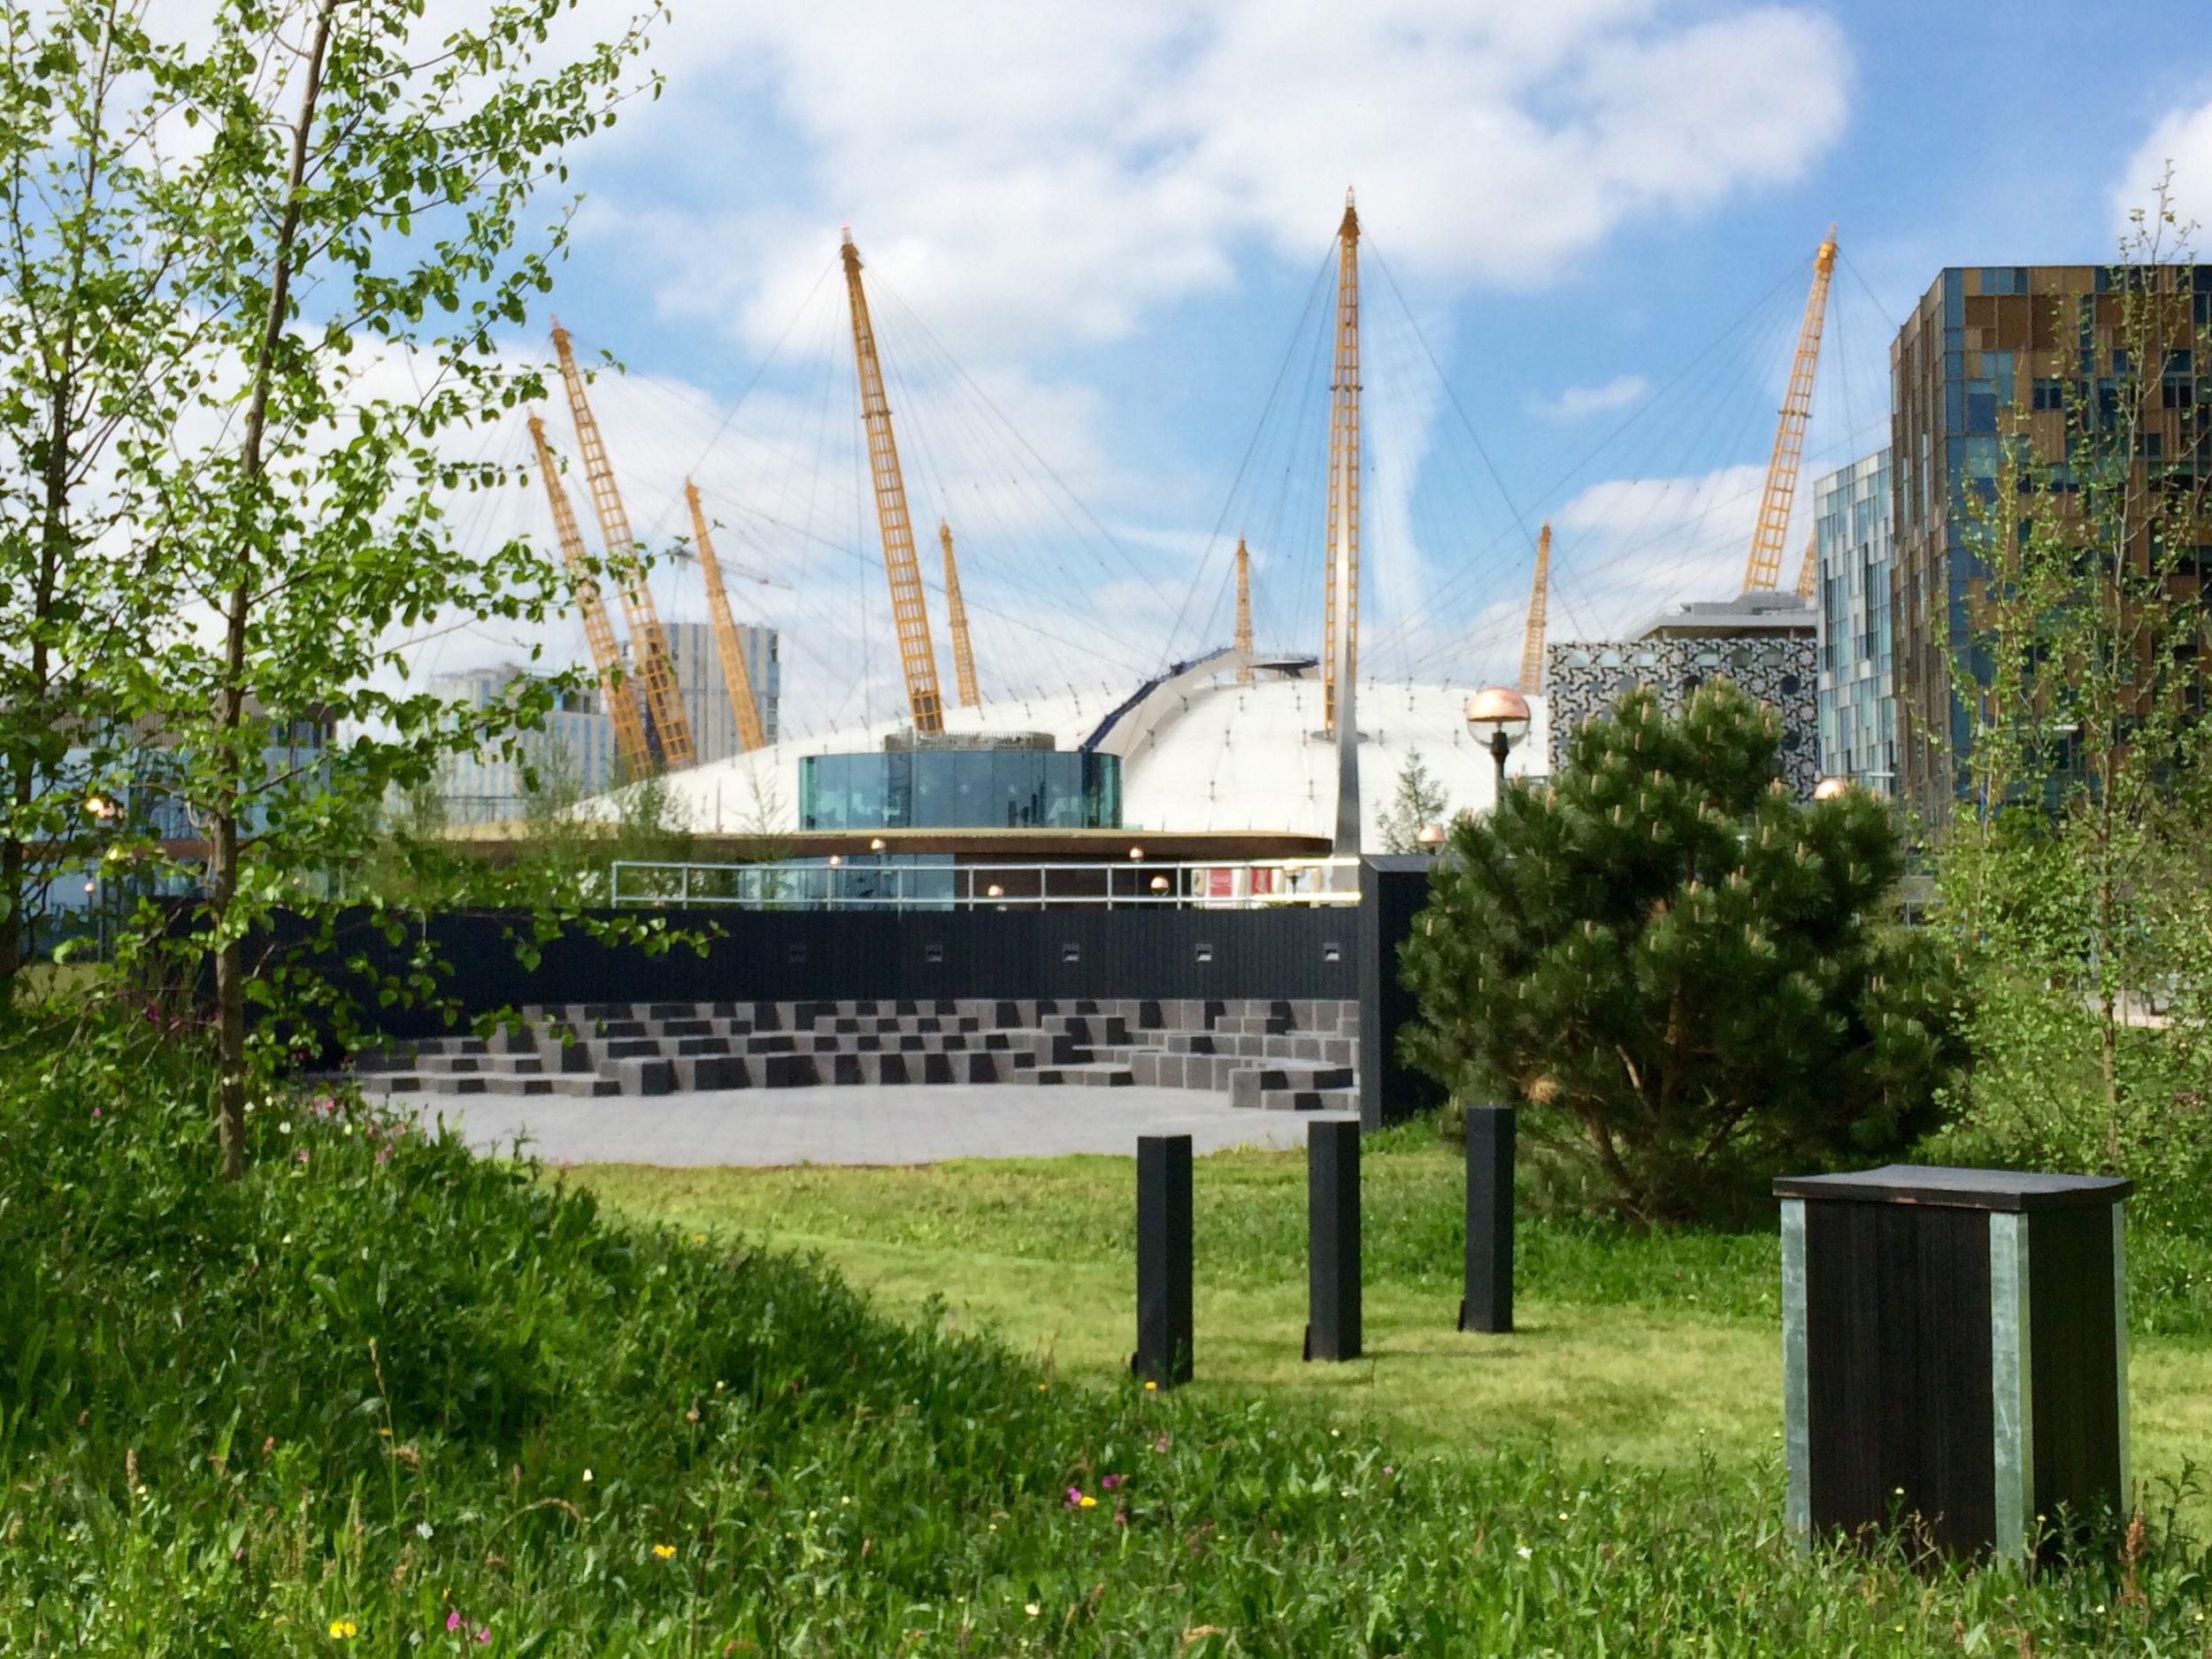 Greenwich Peninsula Garden -  June 2015  [greenpenlondon]